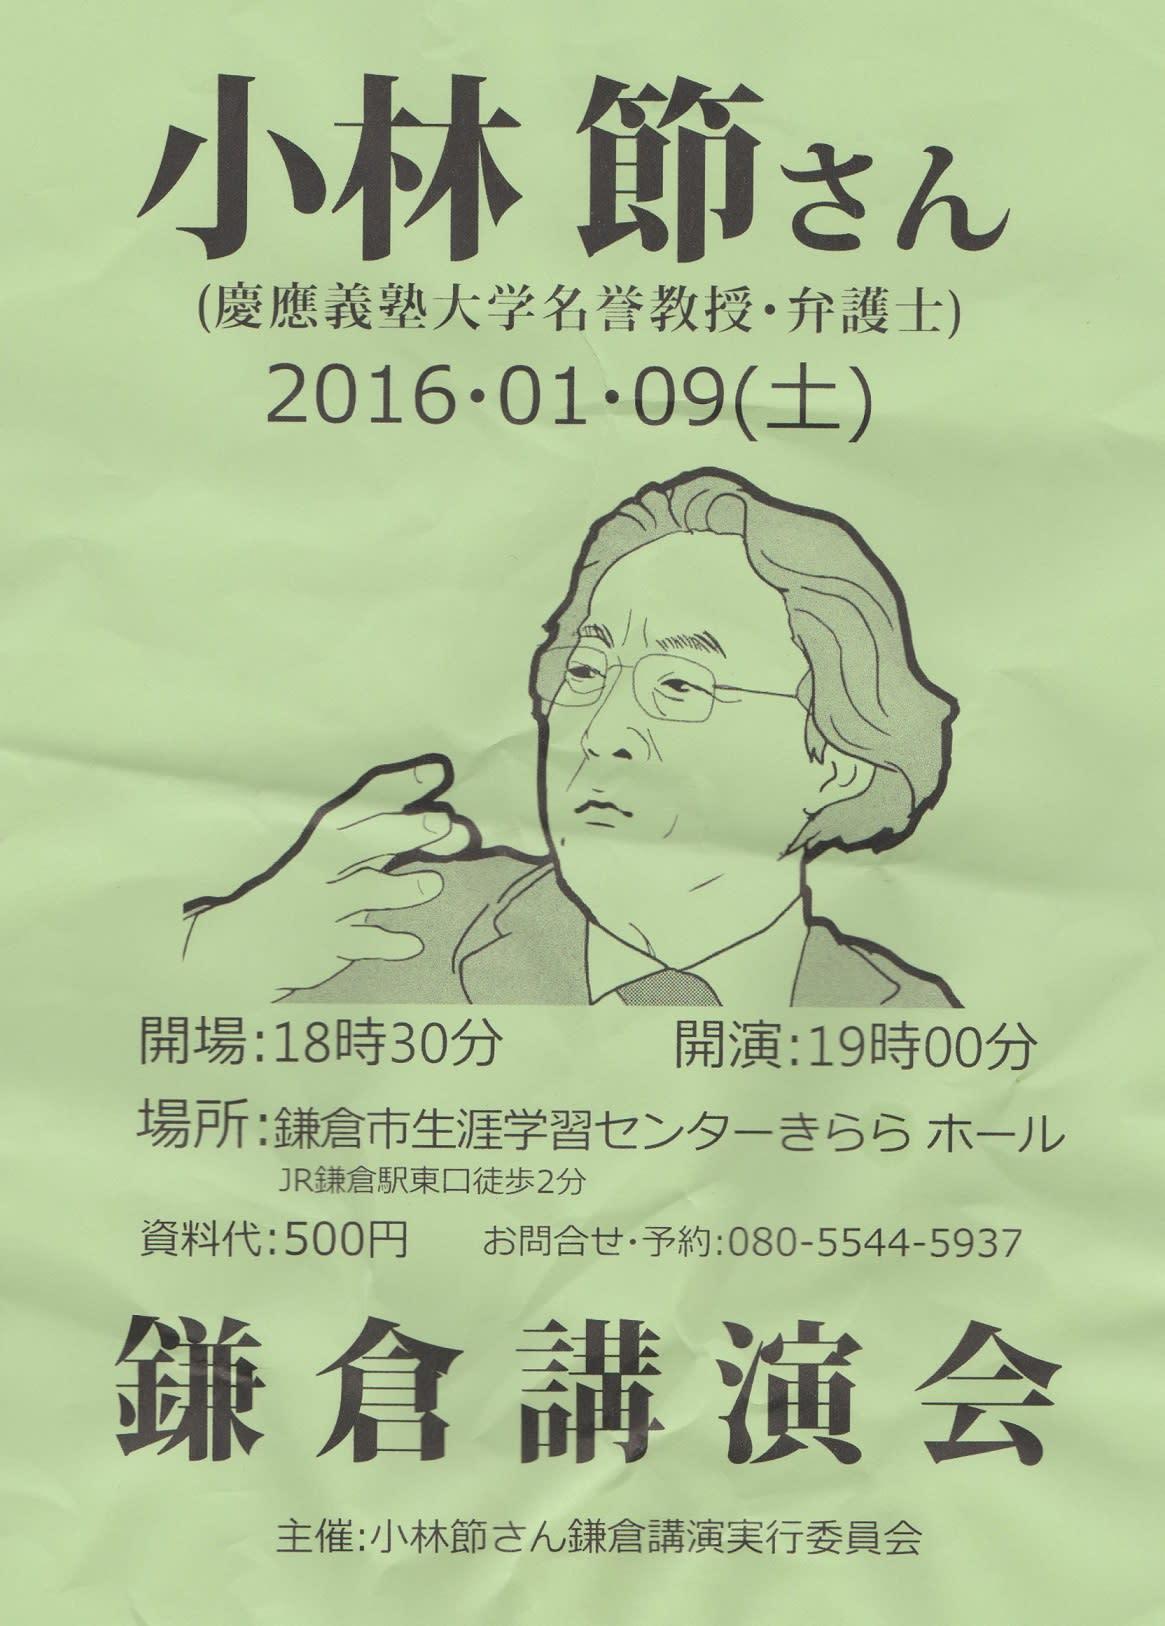 小林節さん鎌倉講演会1月9日(土)きららホール開場18時30分